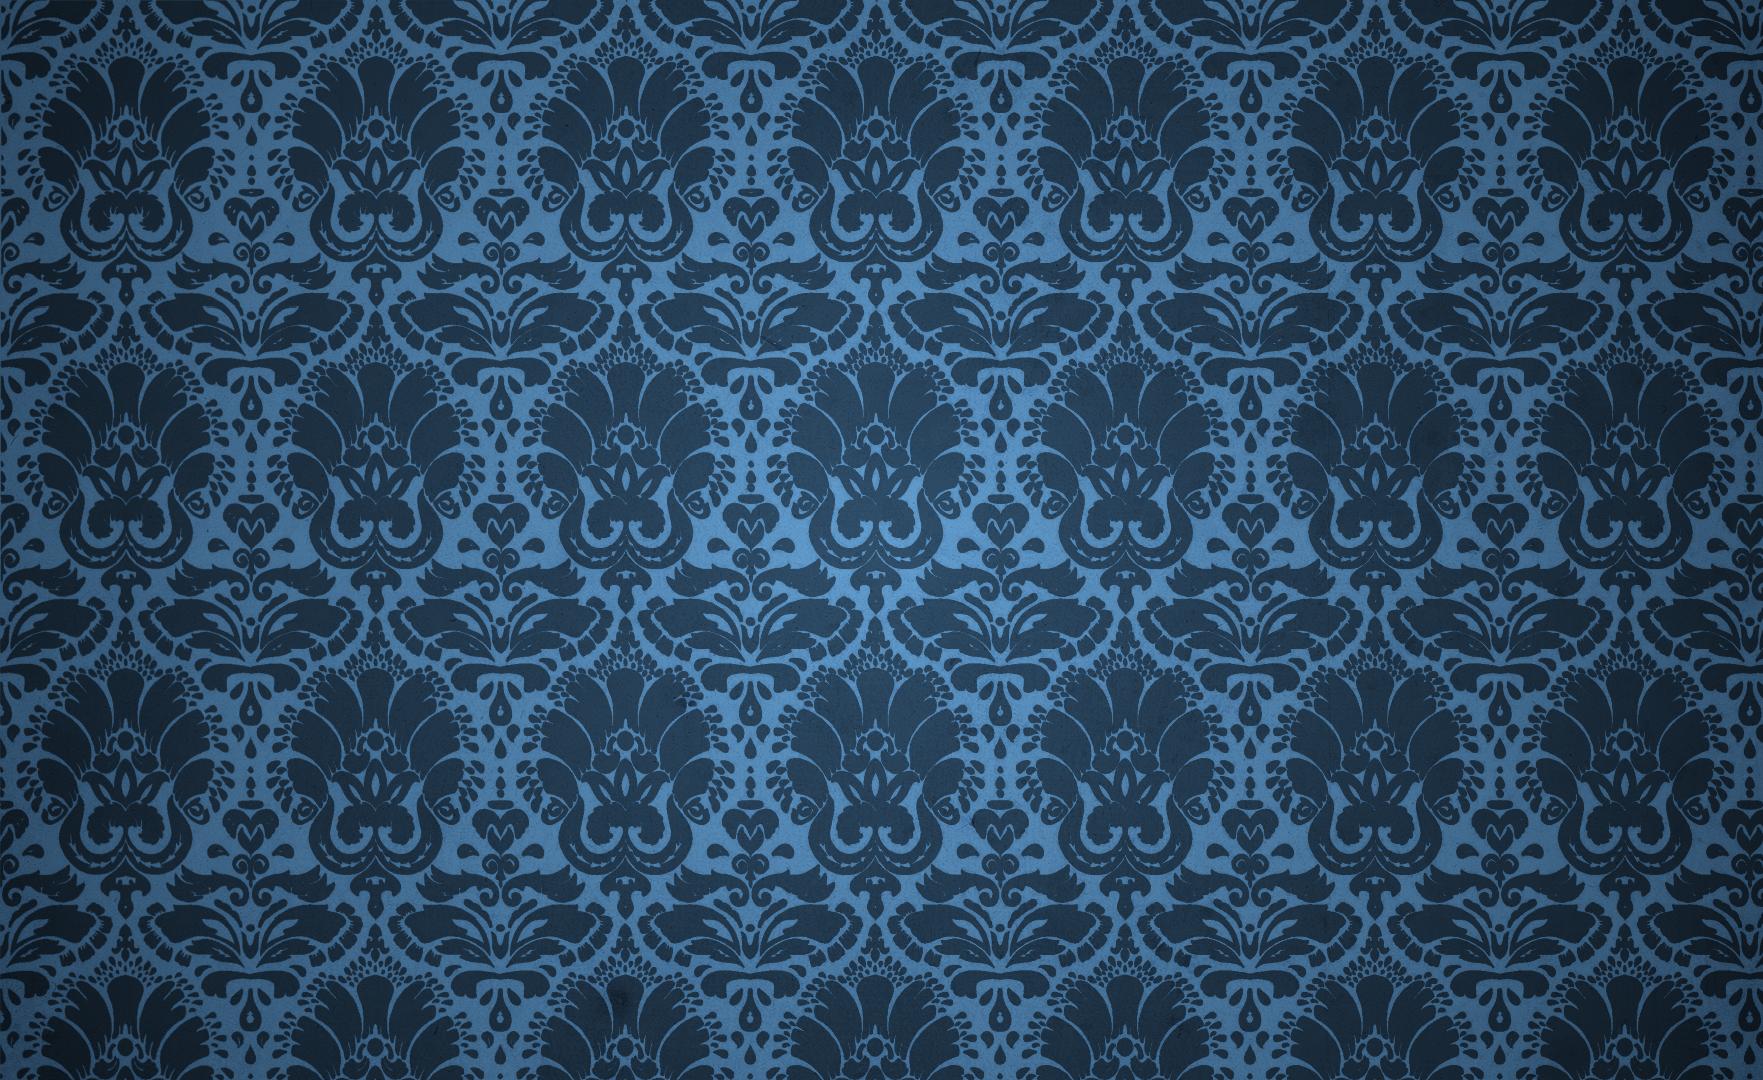 wall wallpaper by ktostam25 customization wallpaper vexel 2012 2015 1763x1080